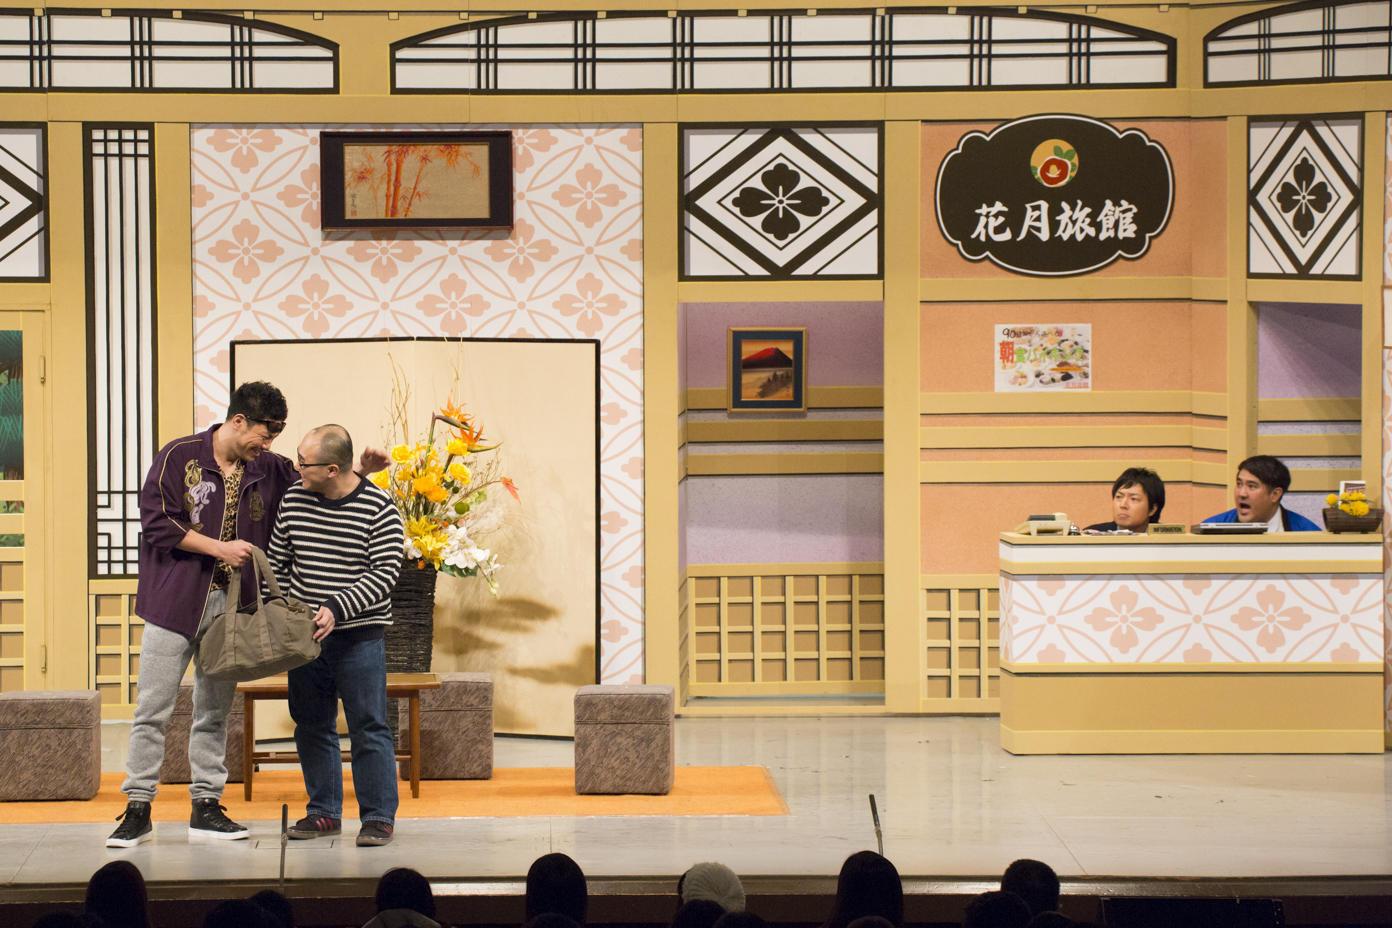 http://news.yoshimoto.co.jp/20161223232422-8b73fe628e0383dbff893c9f3f6b1ac23f3242ce.jpg